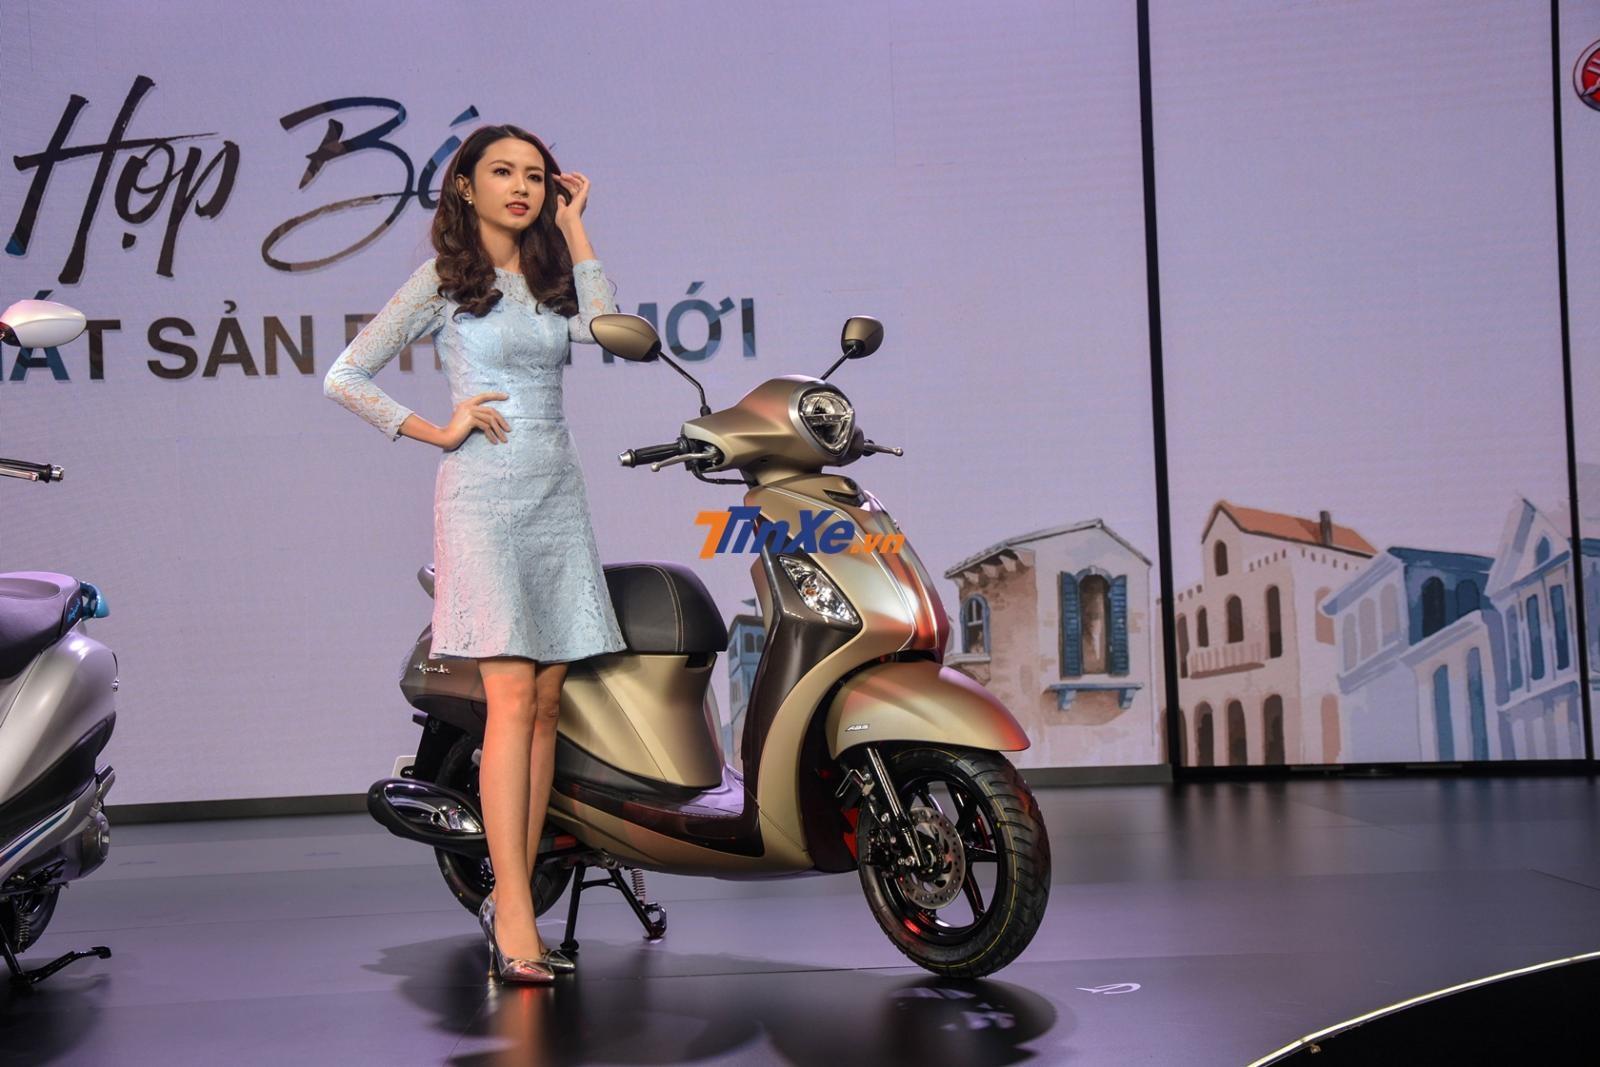 Mức giá dành cho Yamaha Grande 2019 bản đặc biệt là 49.500.000 VNĐ